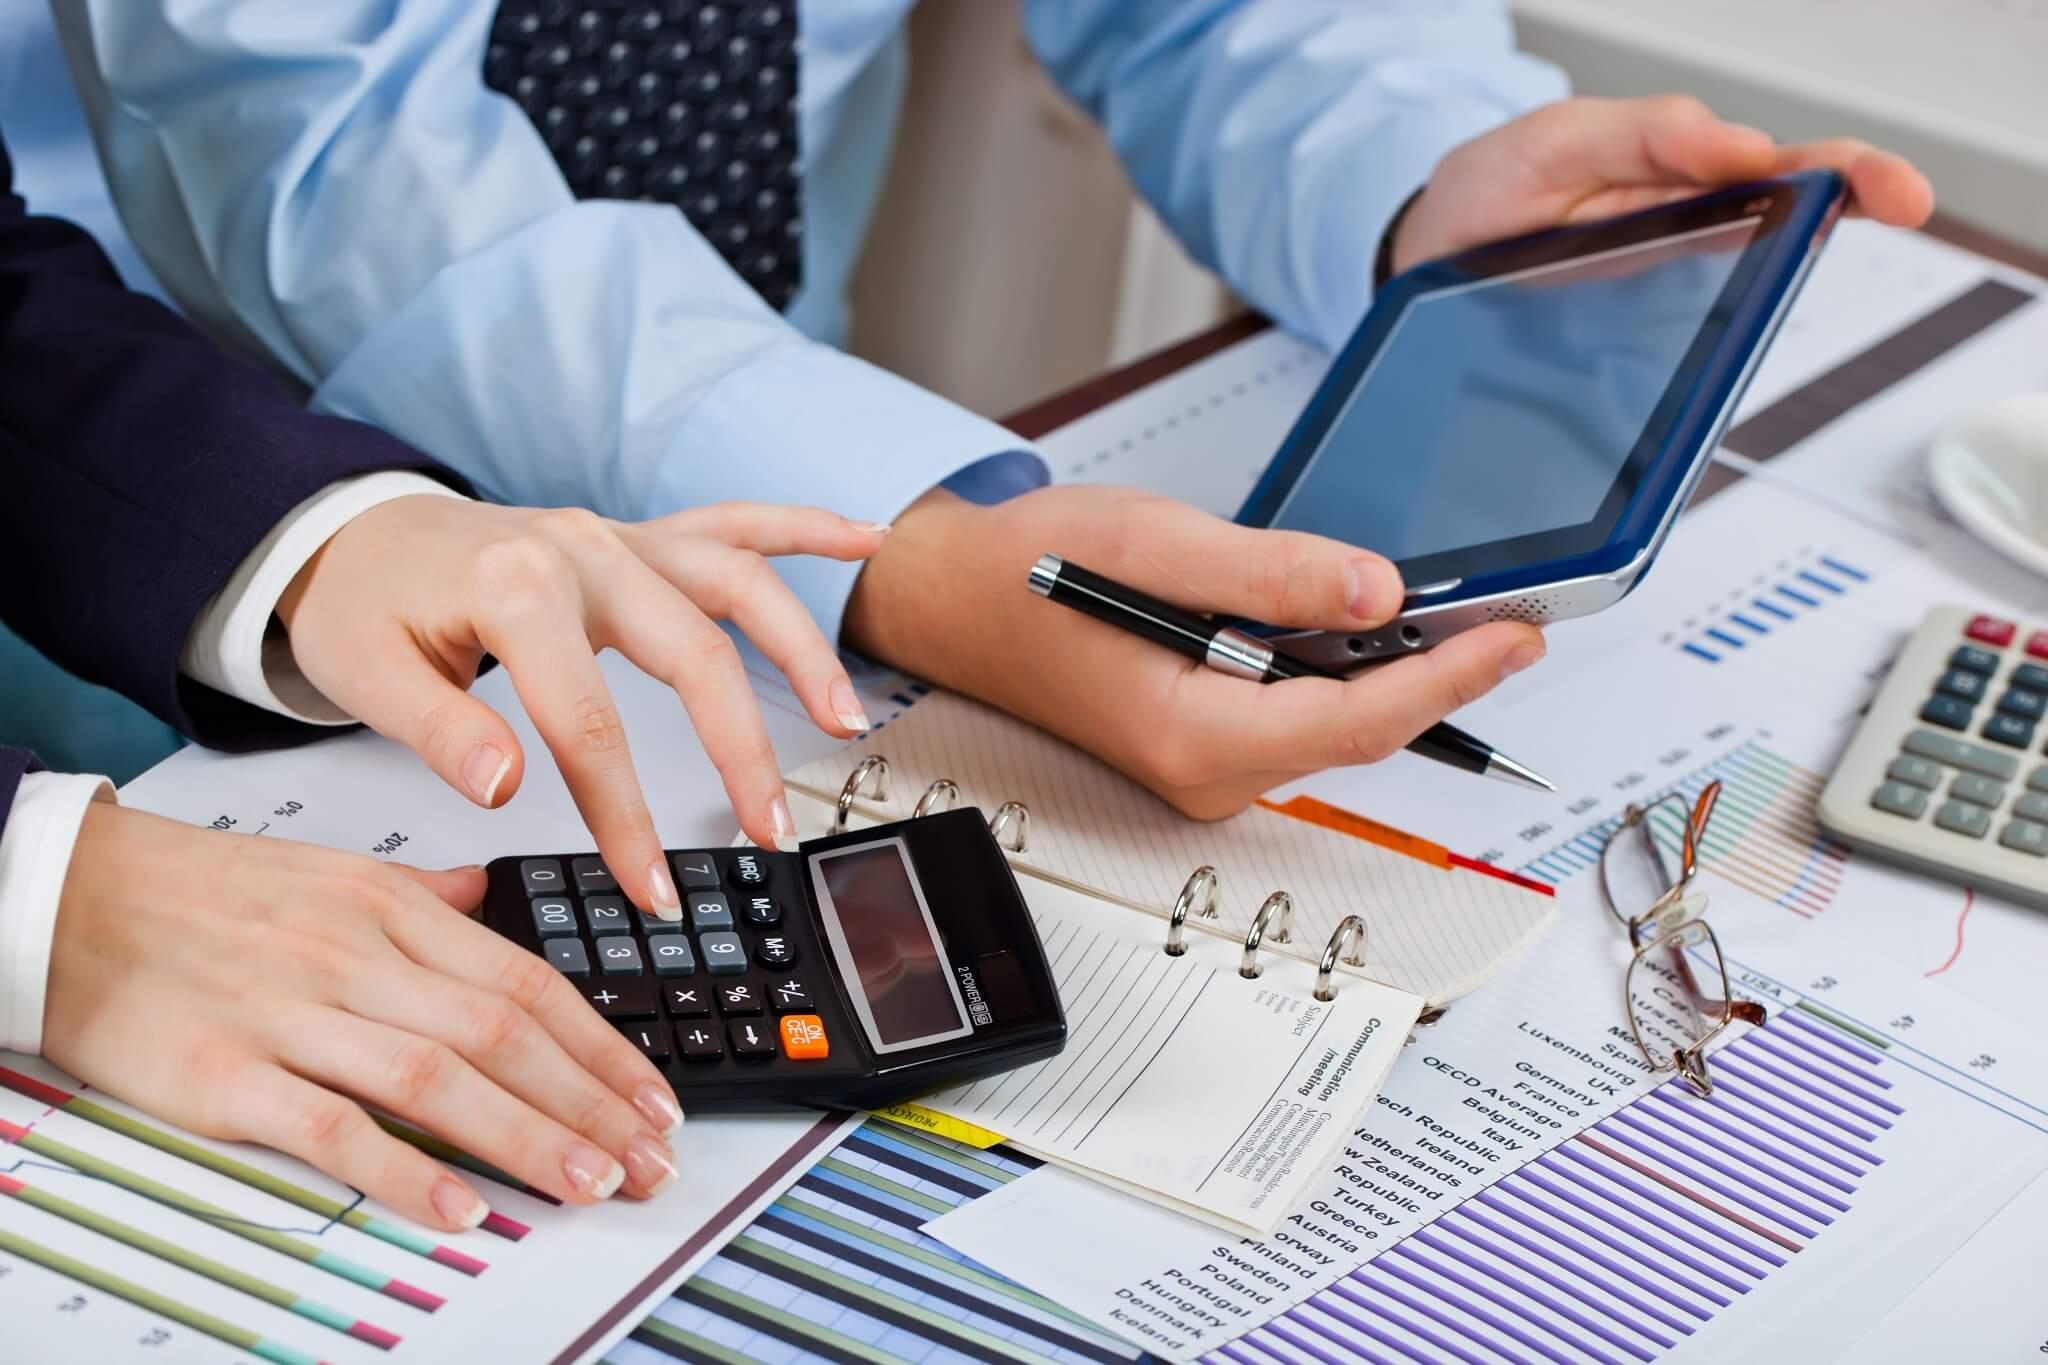 Услуги по ведению бухгалтерского у цена на оказание услуг по бухгалтерскому учету